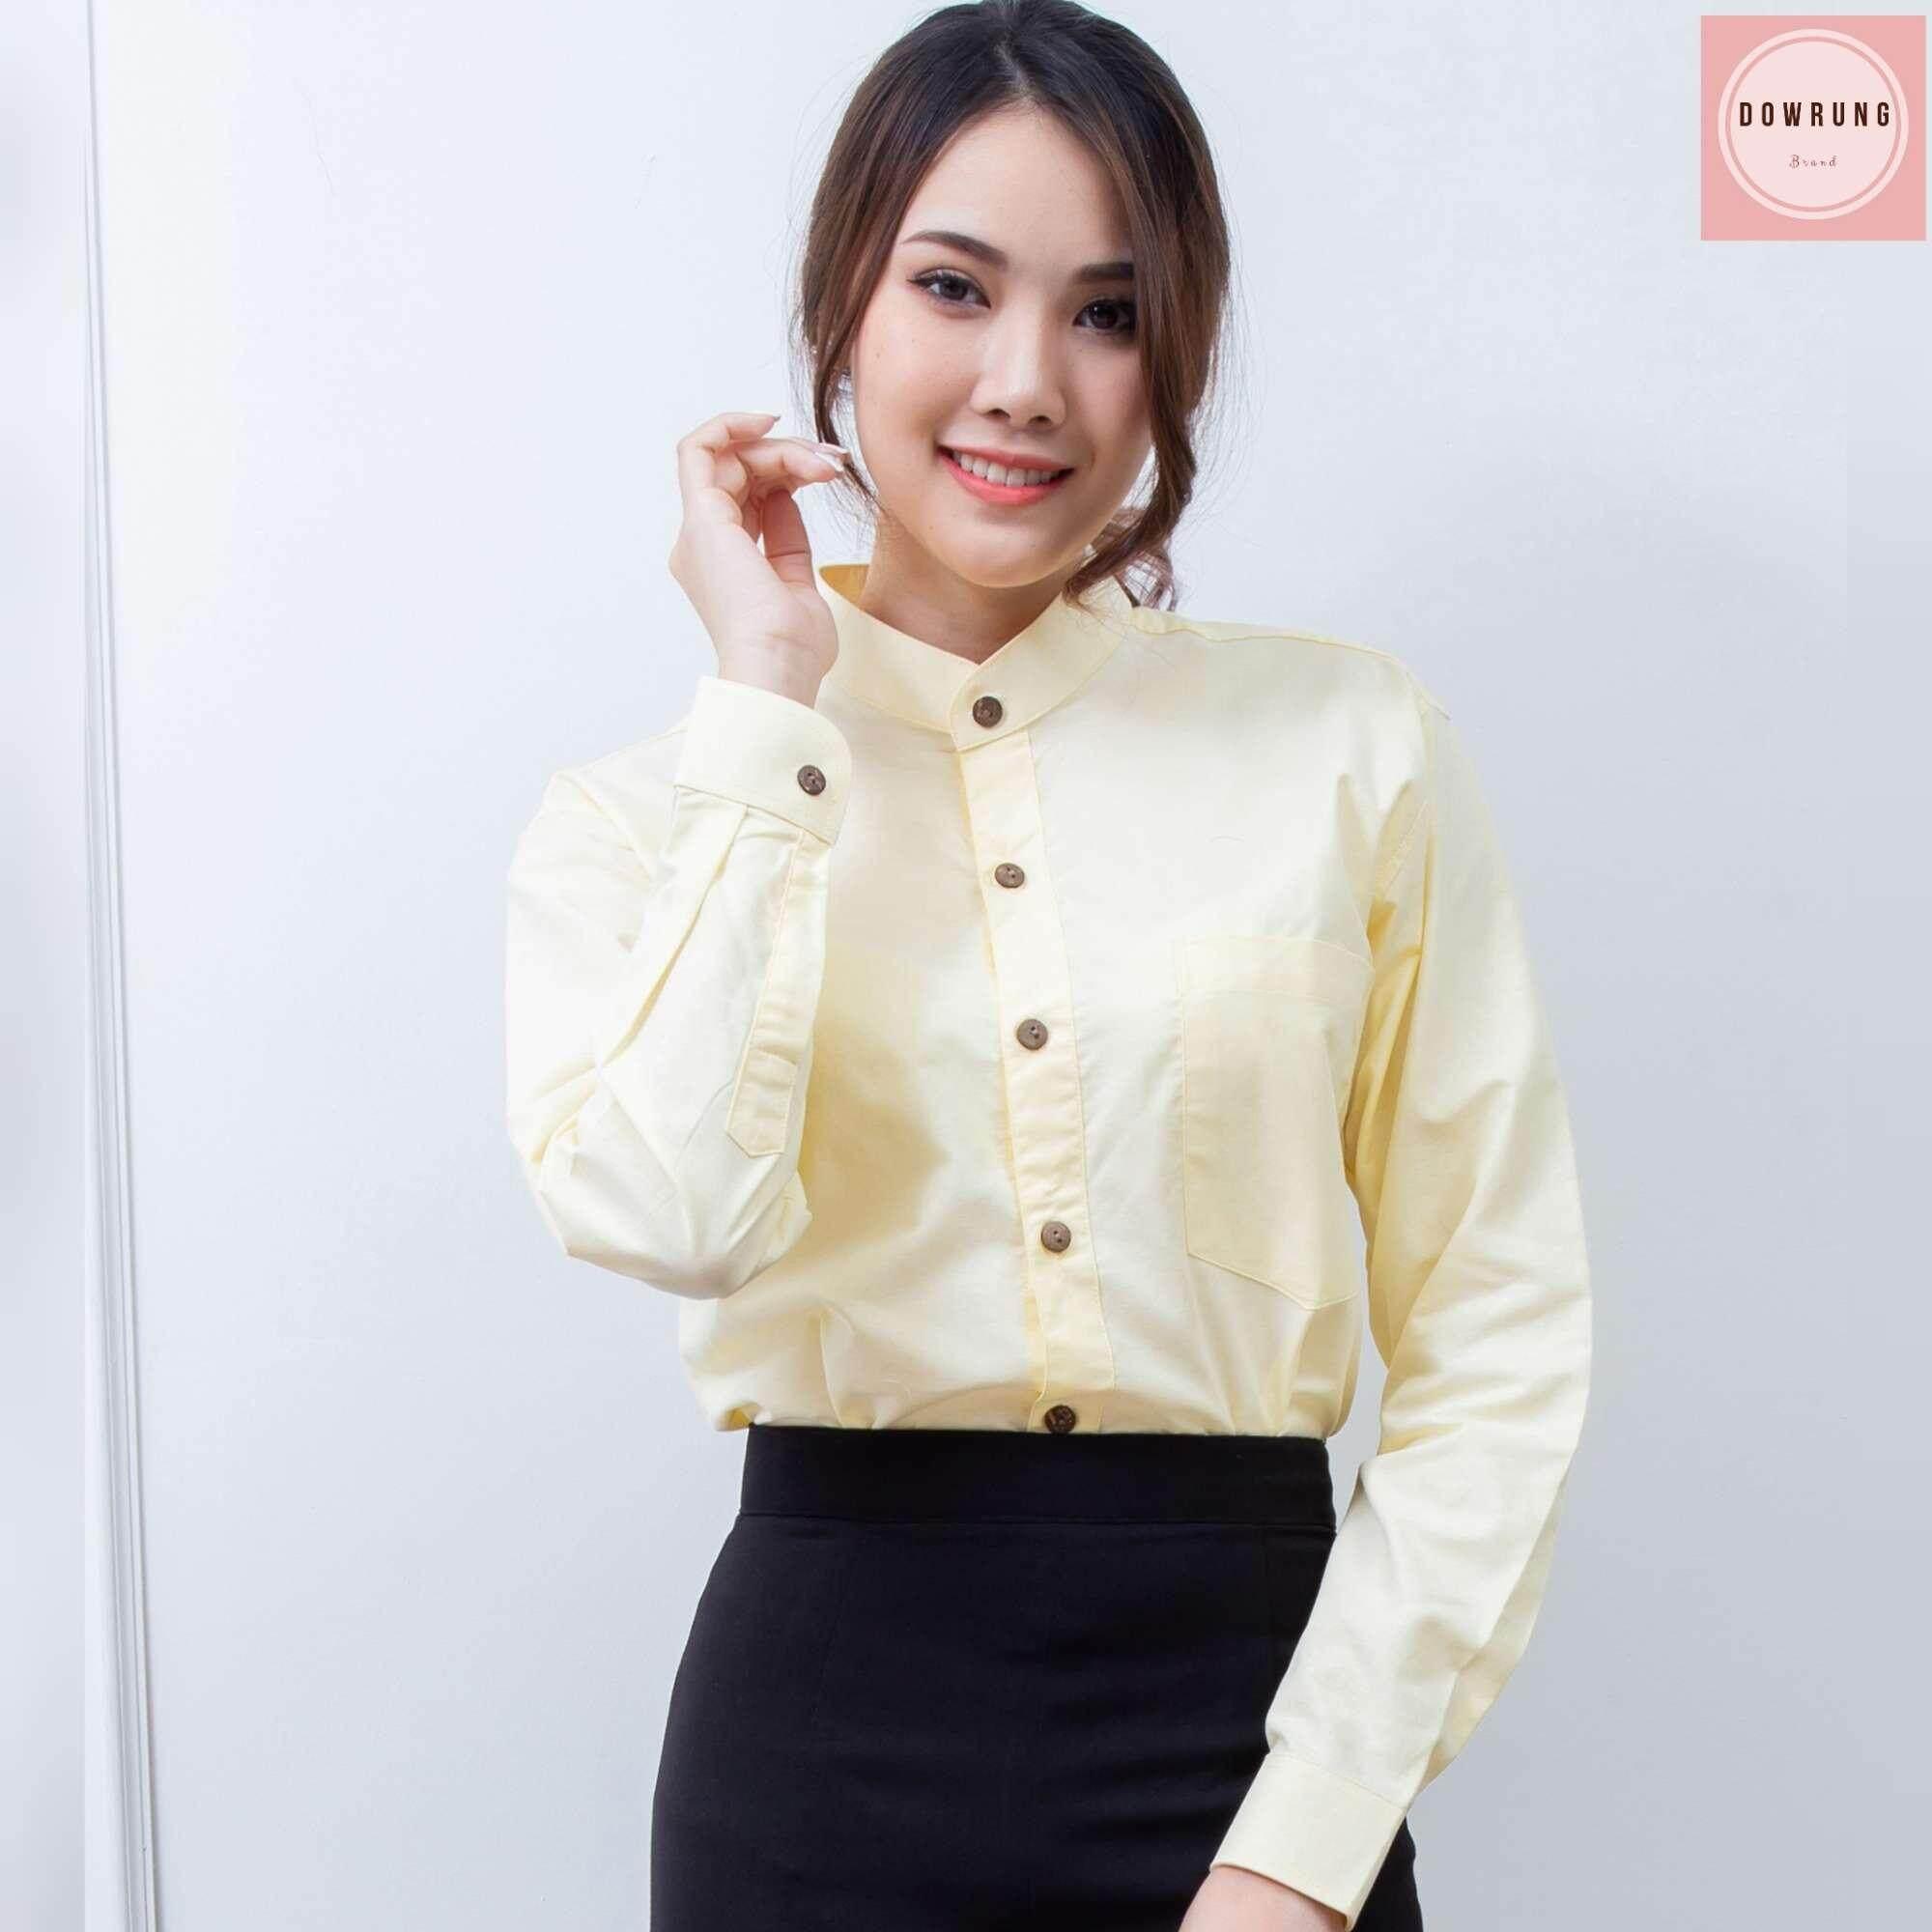 เสื้อเชิ้ตคอจีนแขนยาวสีเหลืองอ่อนทรงเข้ารูป slimfit สามารถใส่ได้ทั้งชายและหญิง unisex เนื้อผ้าoxfordเกรดพรีเมียมนำเข้าจากญี่ปุ่น ถ่ายแบบจากสินค้าจริง